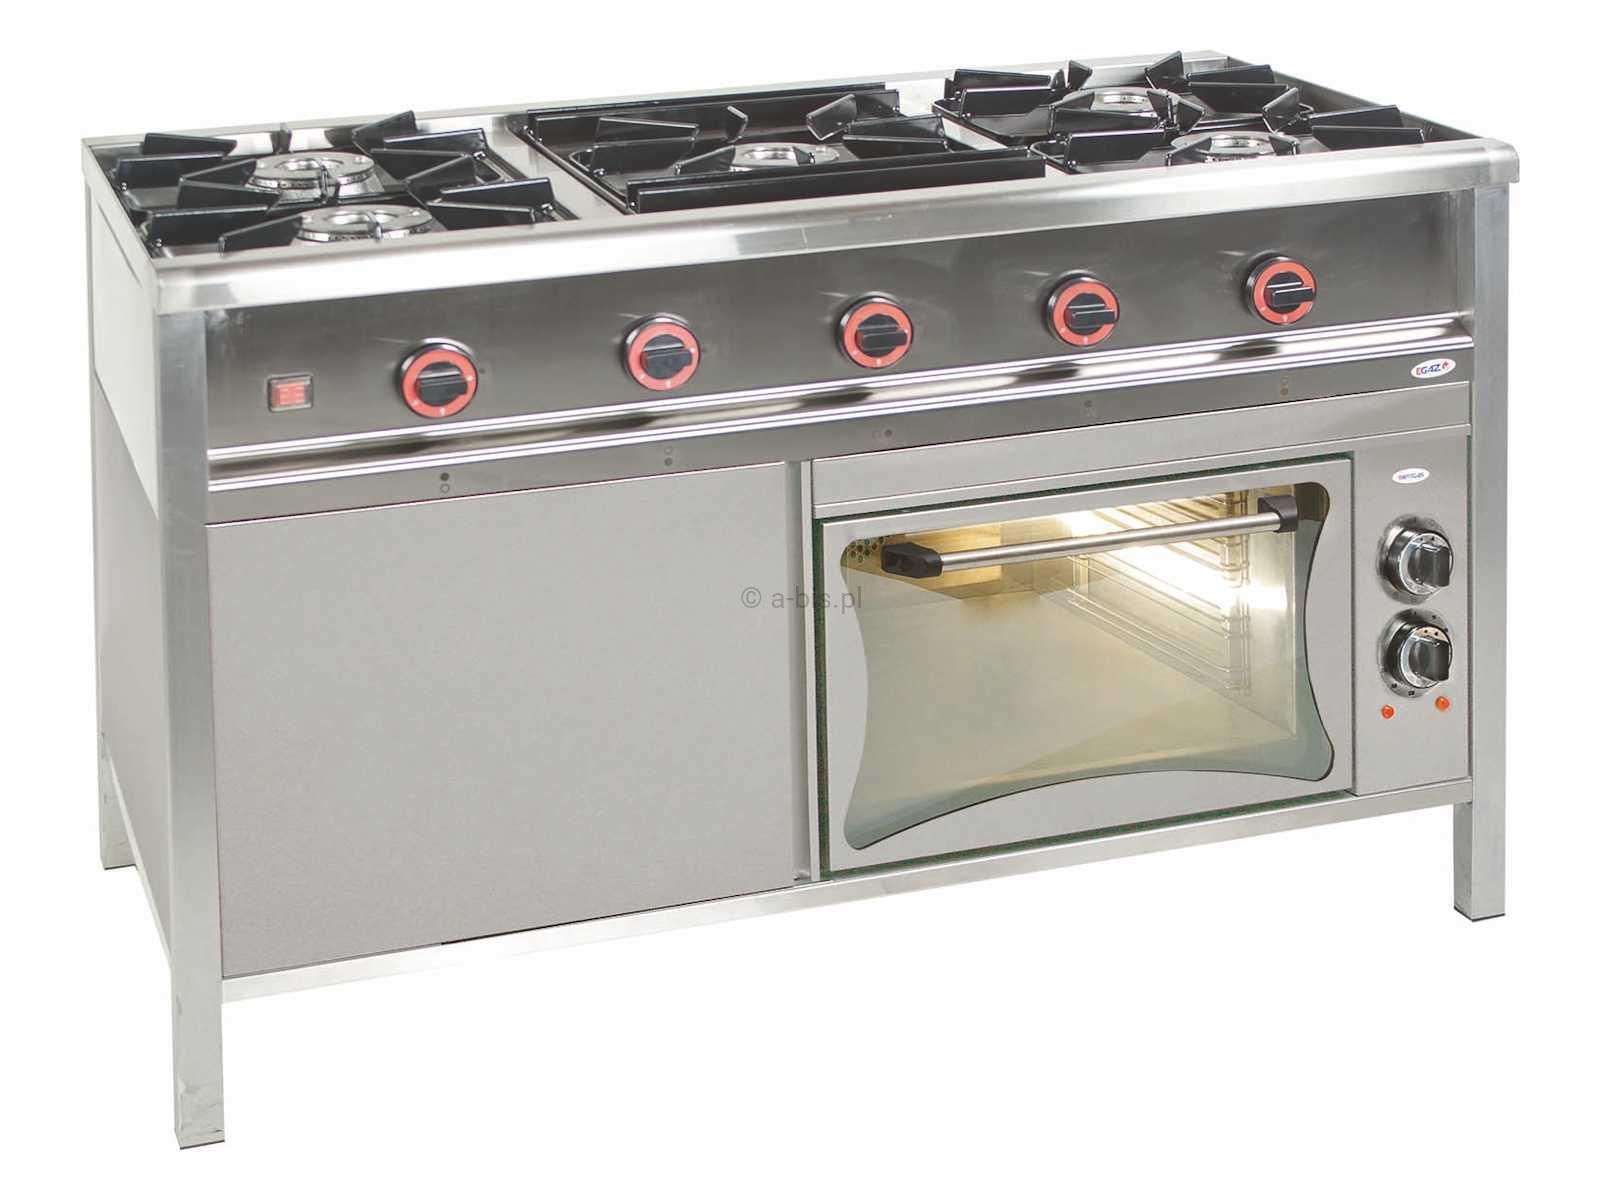 Kuchnia Gazowa 5 Palnikowa Z Piekarnikiem Elektrycznym Tg Egaz